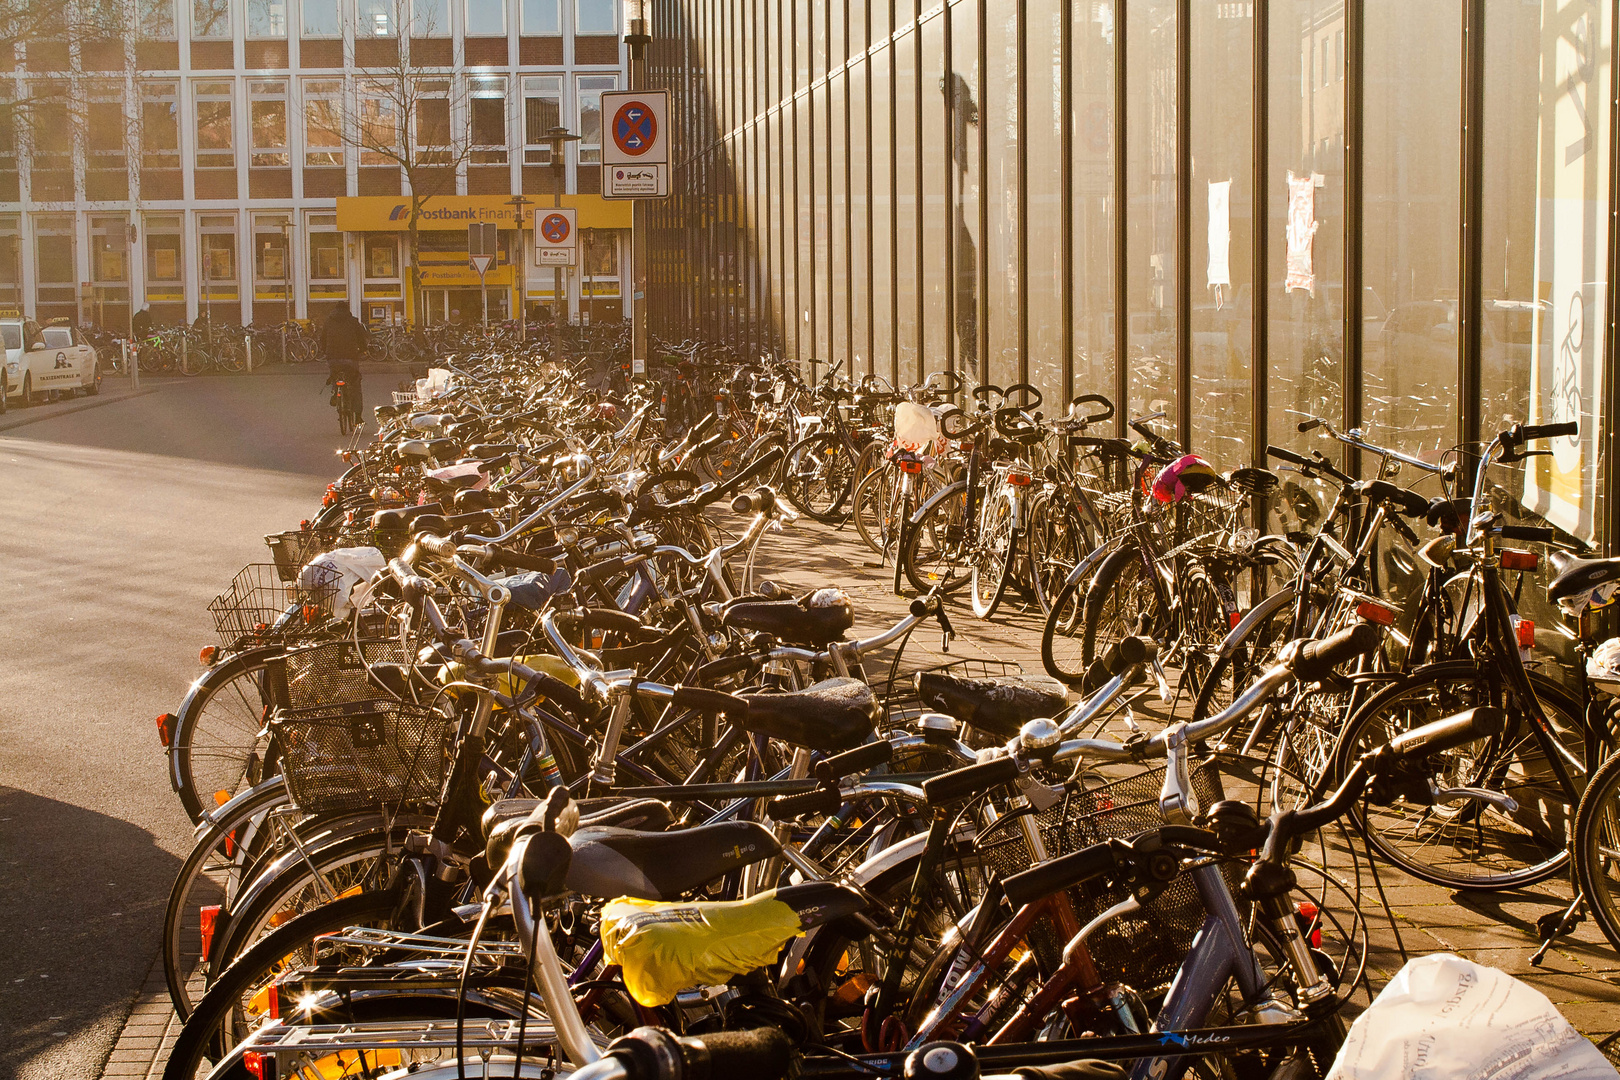 Reichlich Fahrräder in Münster